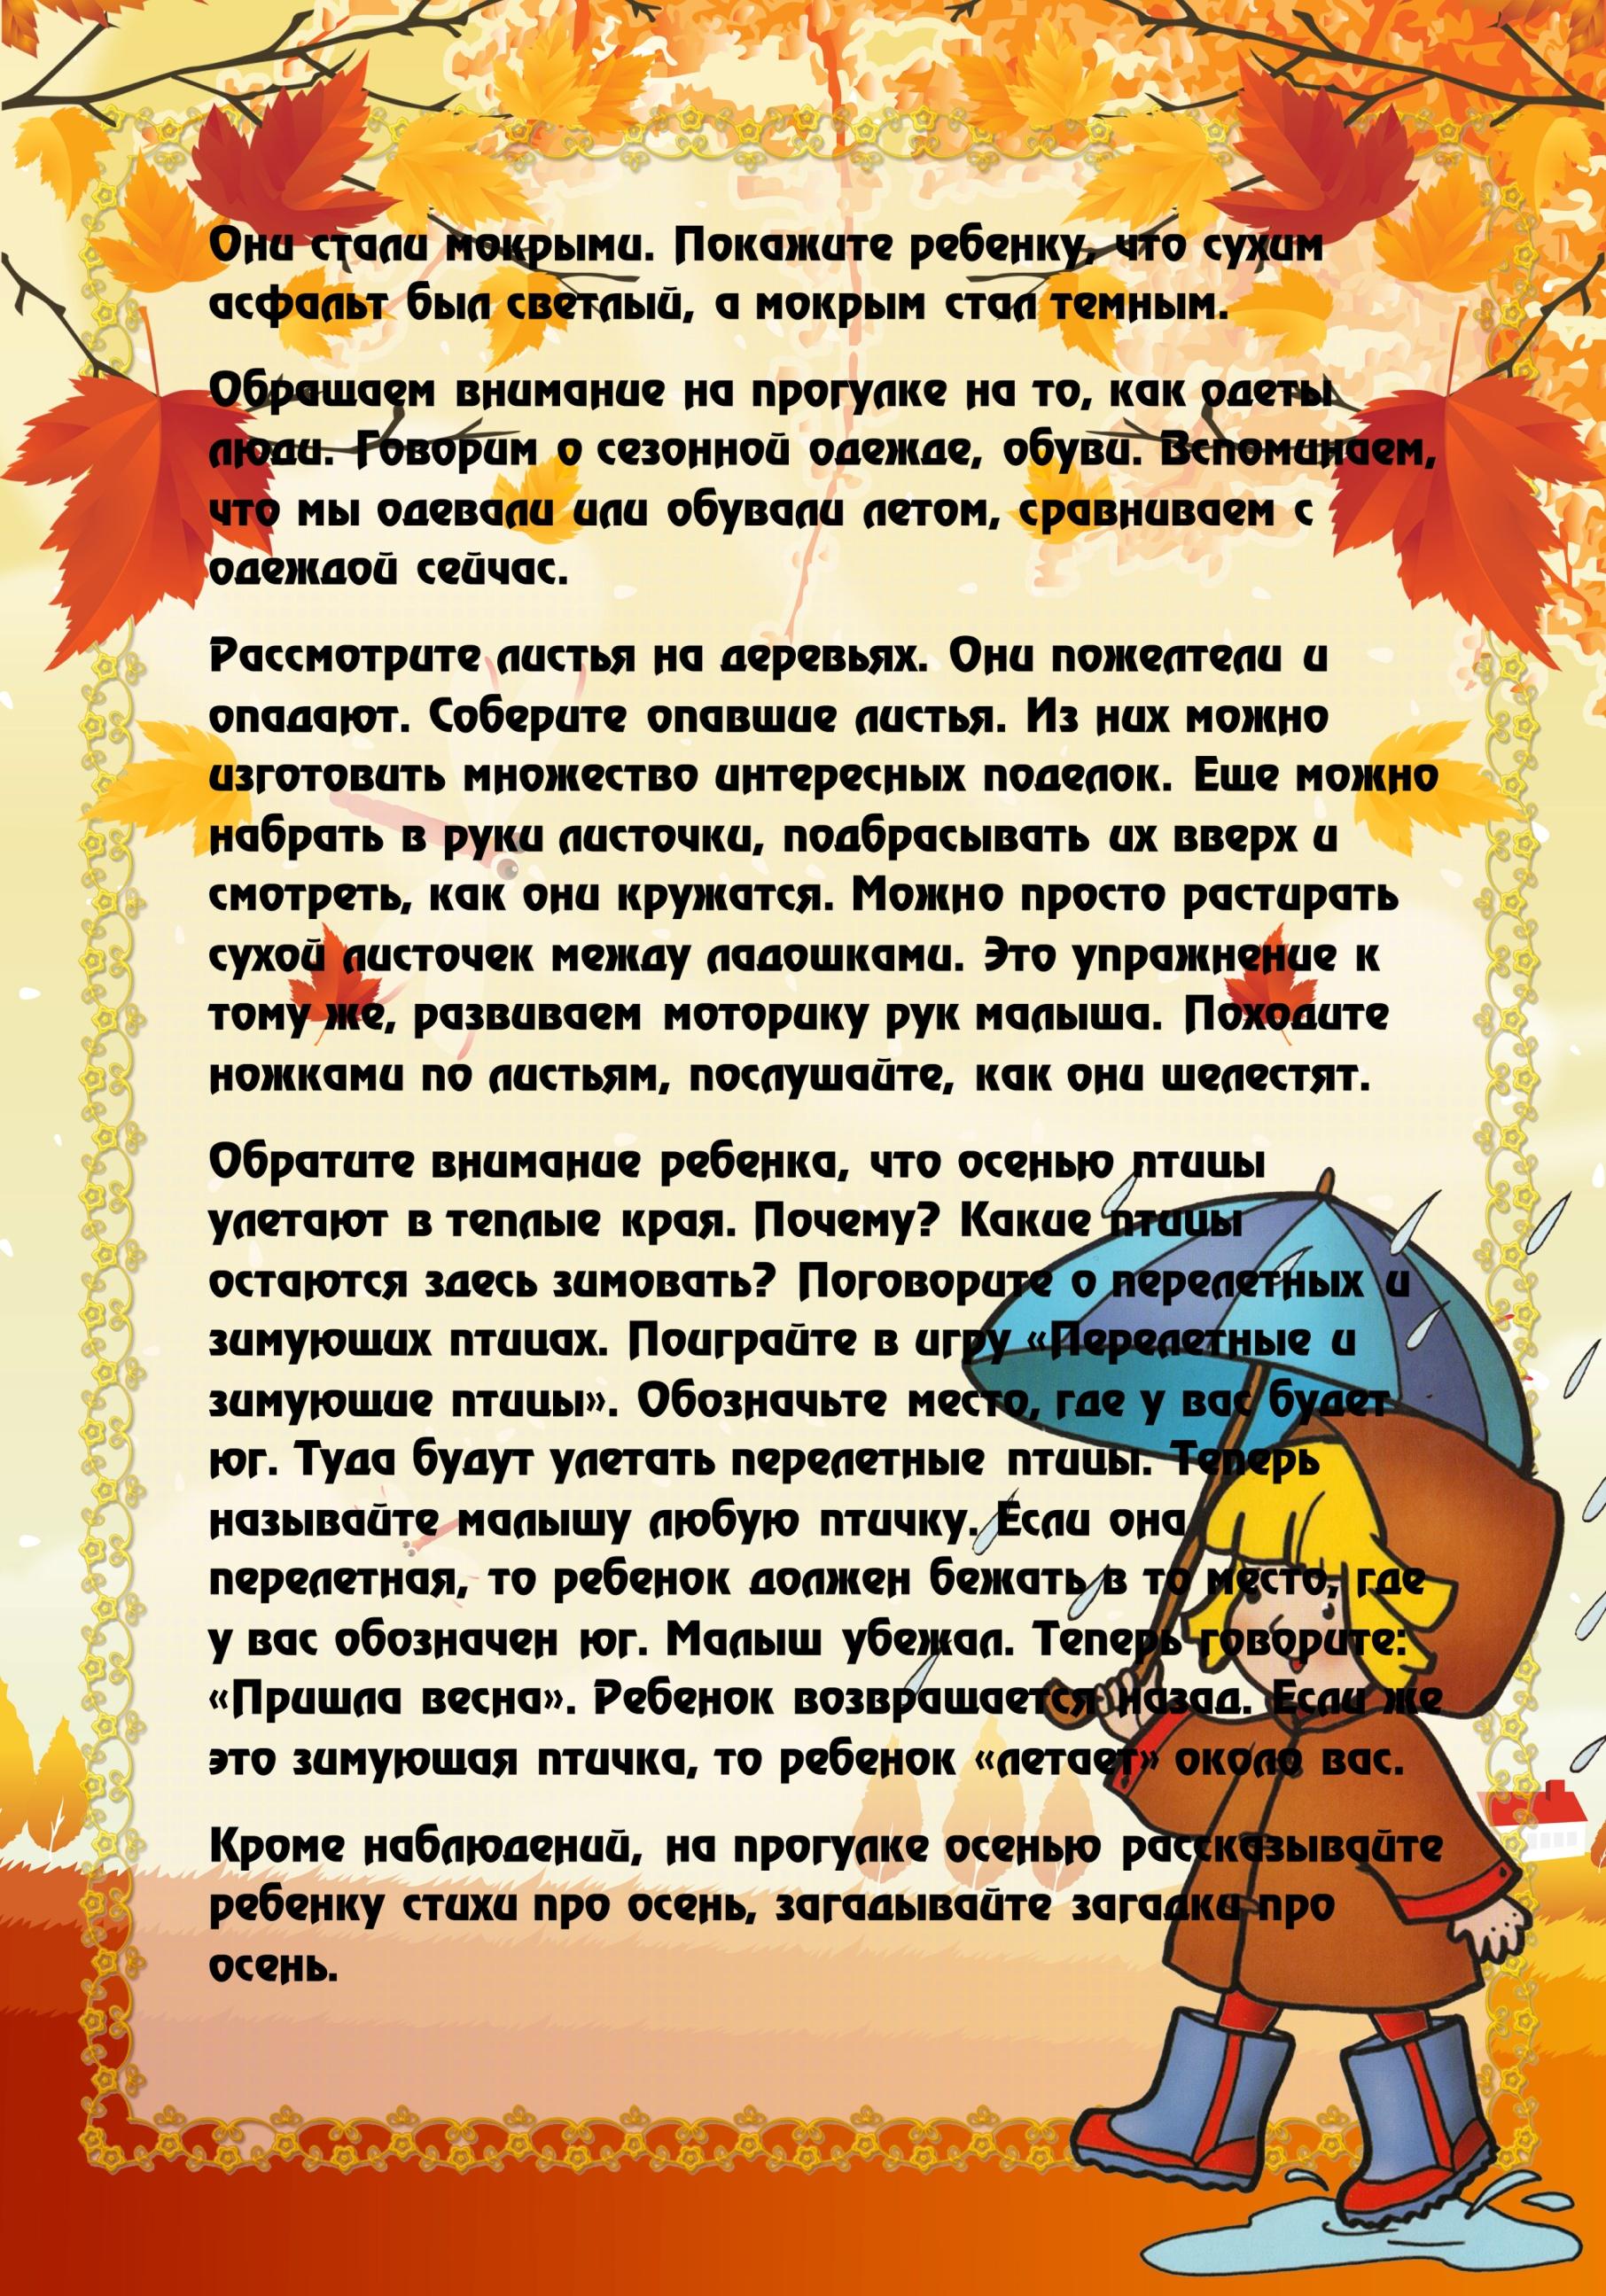 персикового консультации про осень в картинках бывает глупых вопросов